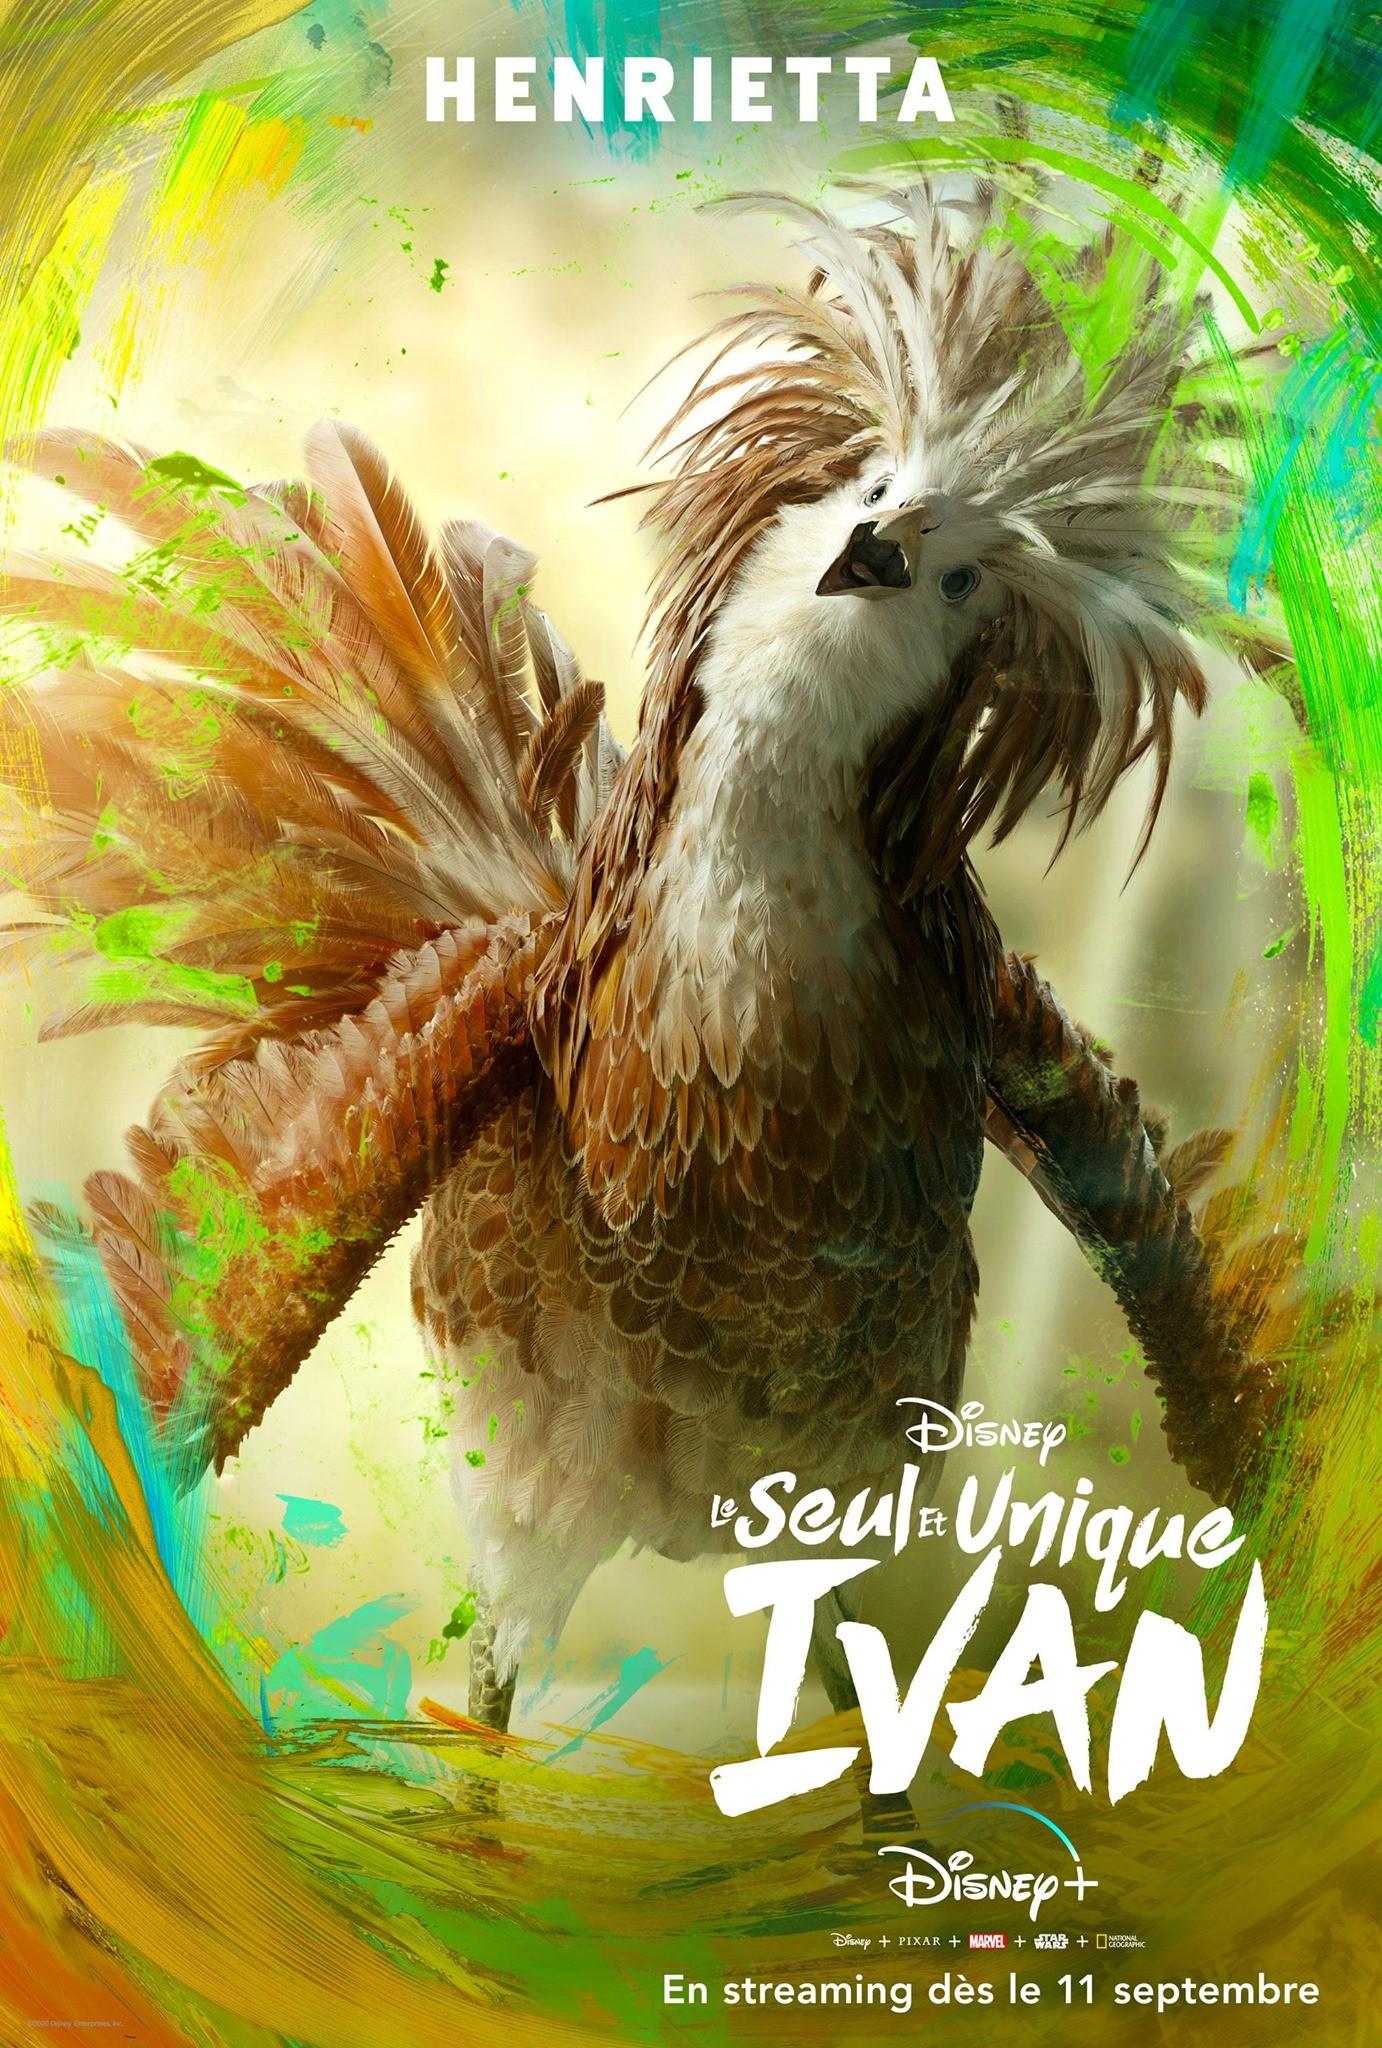 affiche poster seul unique only ivan disney